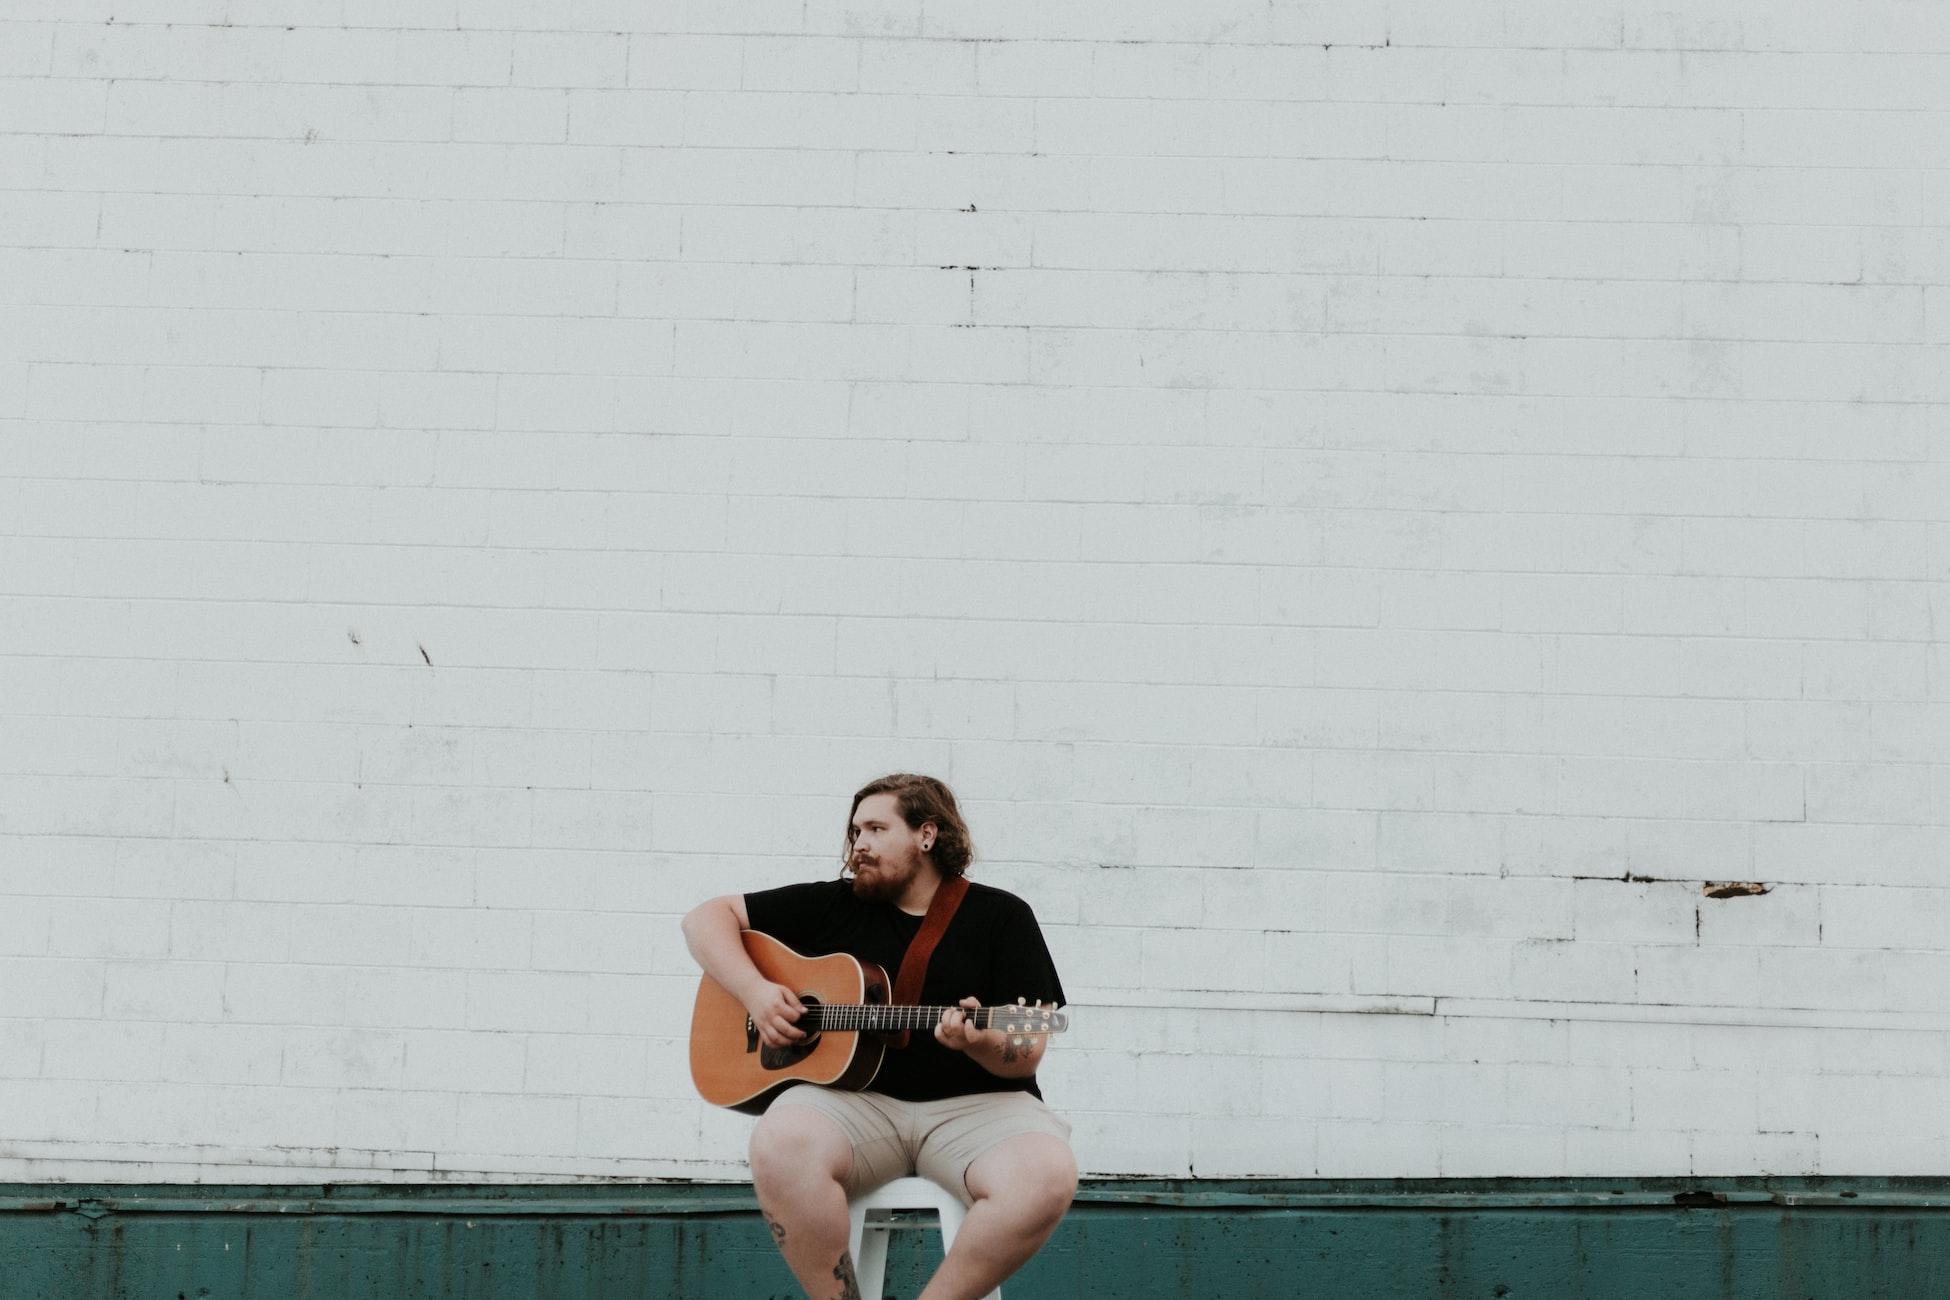 musician_guitar_empty_street